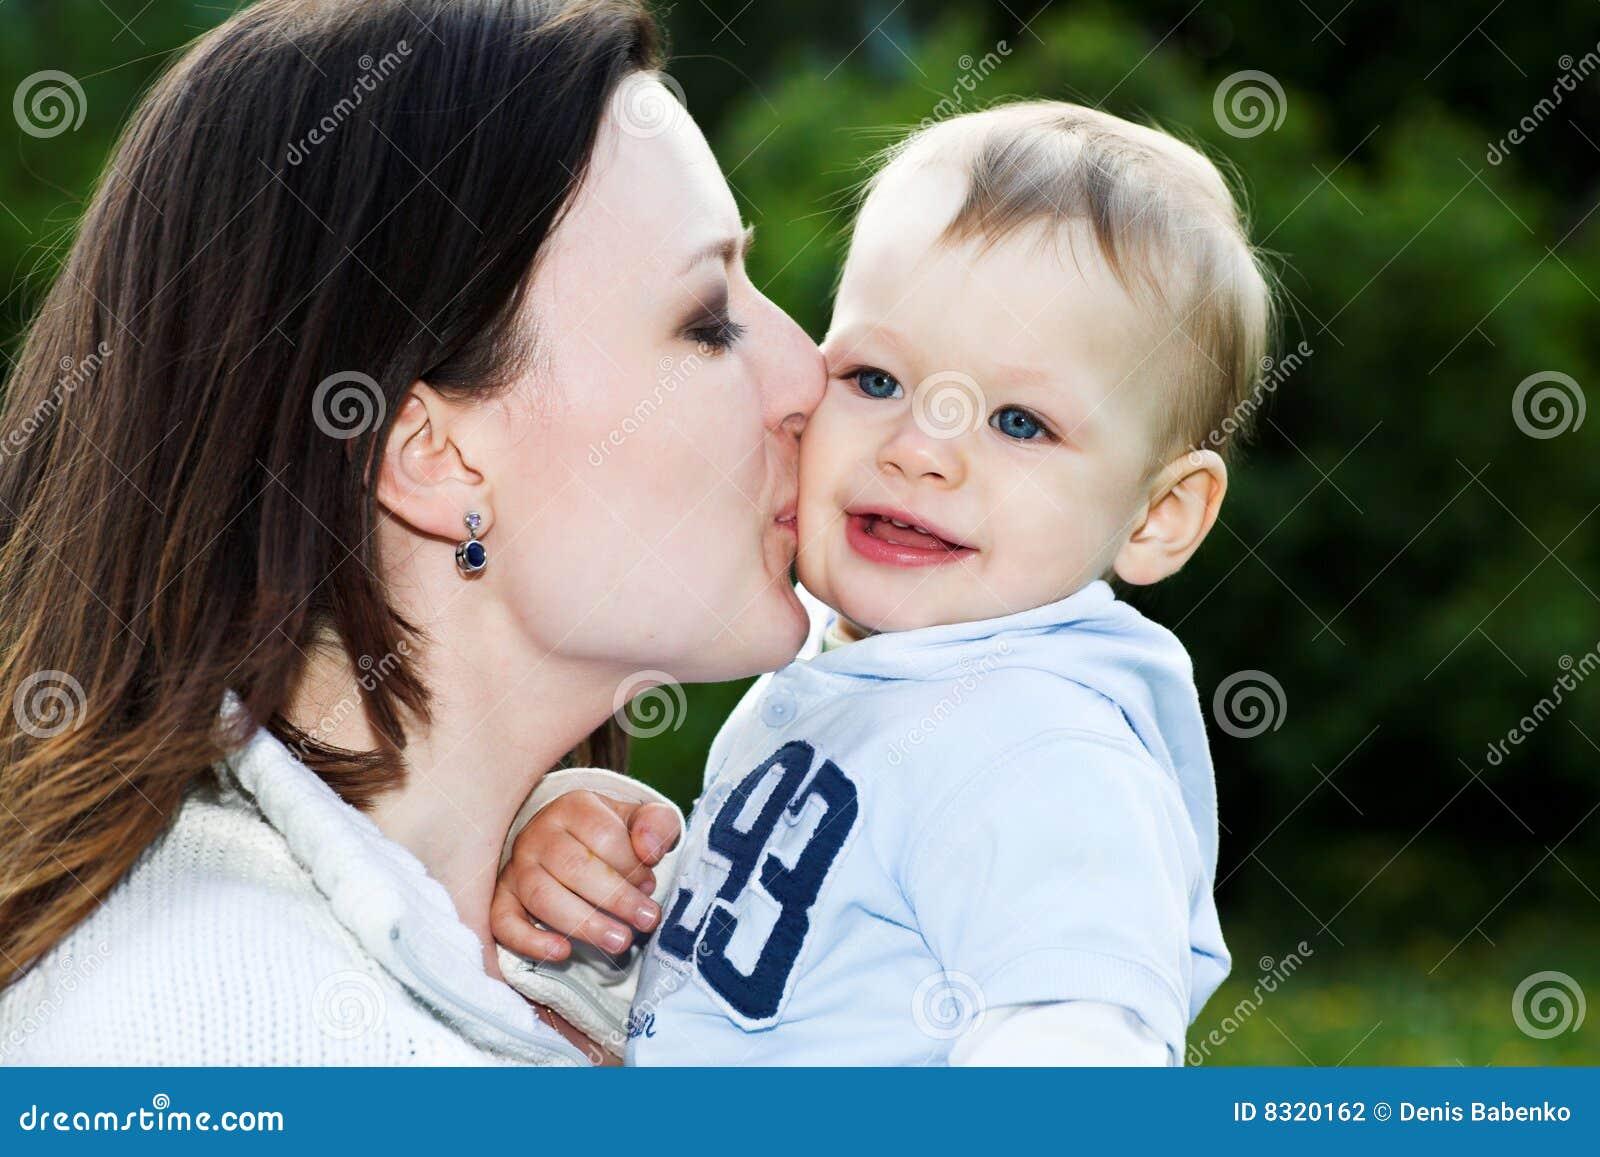 Русский сайт мама с сыном 21 фотография